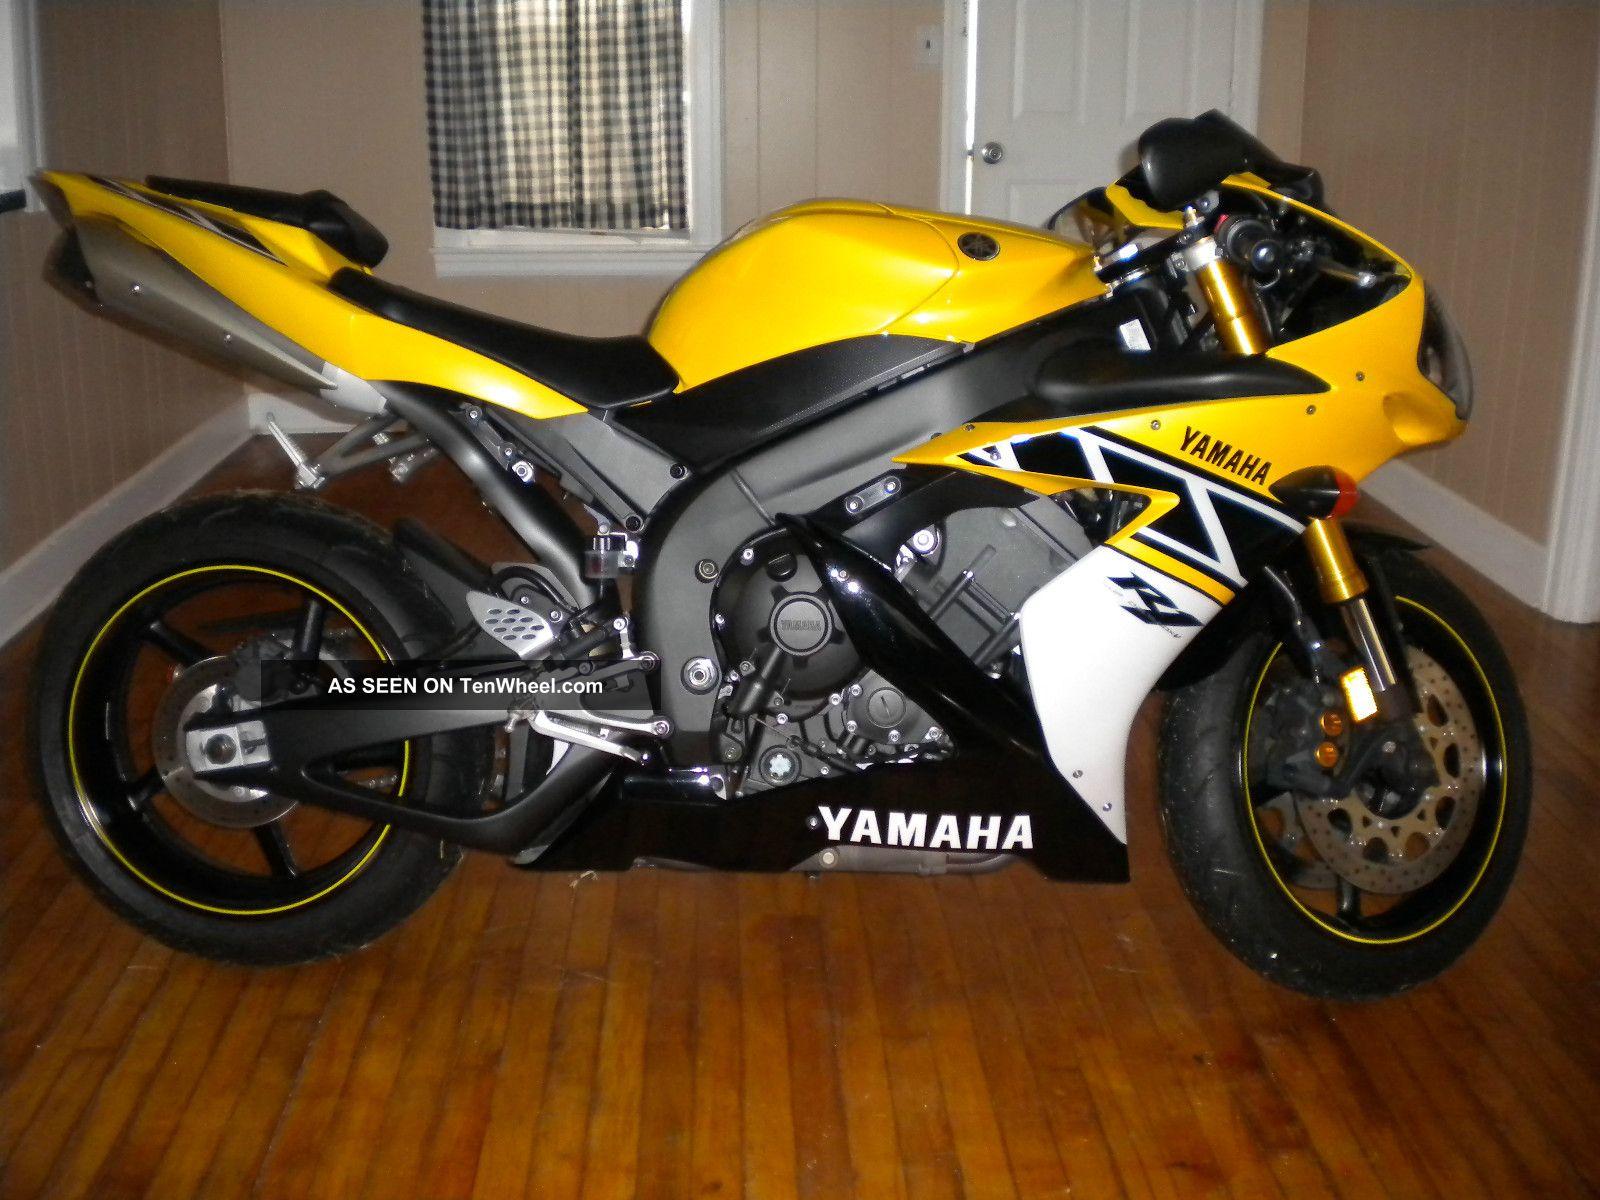 2006 yamaha r1 50th aniversary edition for 2006 yamaha r1